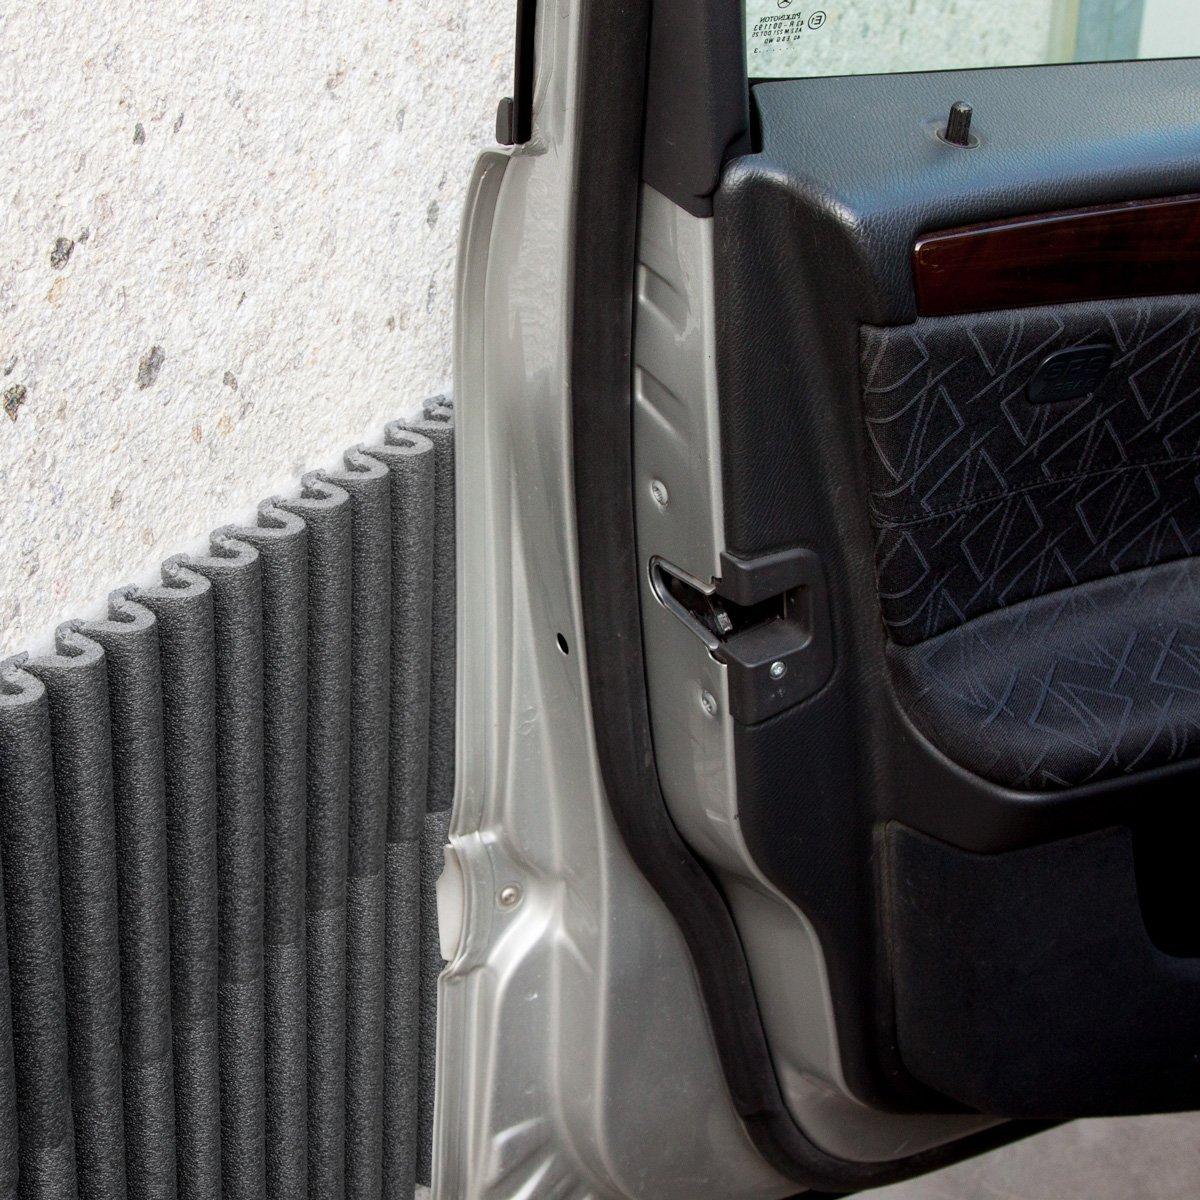 Mondaplen Wall Bumper Pannelli: un set da 4 pannelli rettangolari e adesivi in polietilene ammortizzante, perfetti per proteggere le portiere dell' auto (appross. 44x59 cm l' uno, colore:Arancione) Grifal SpA